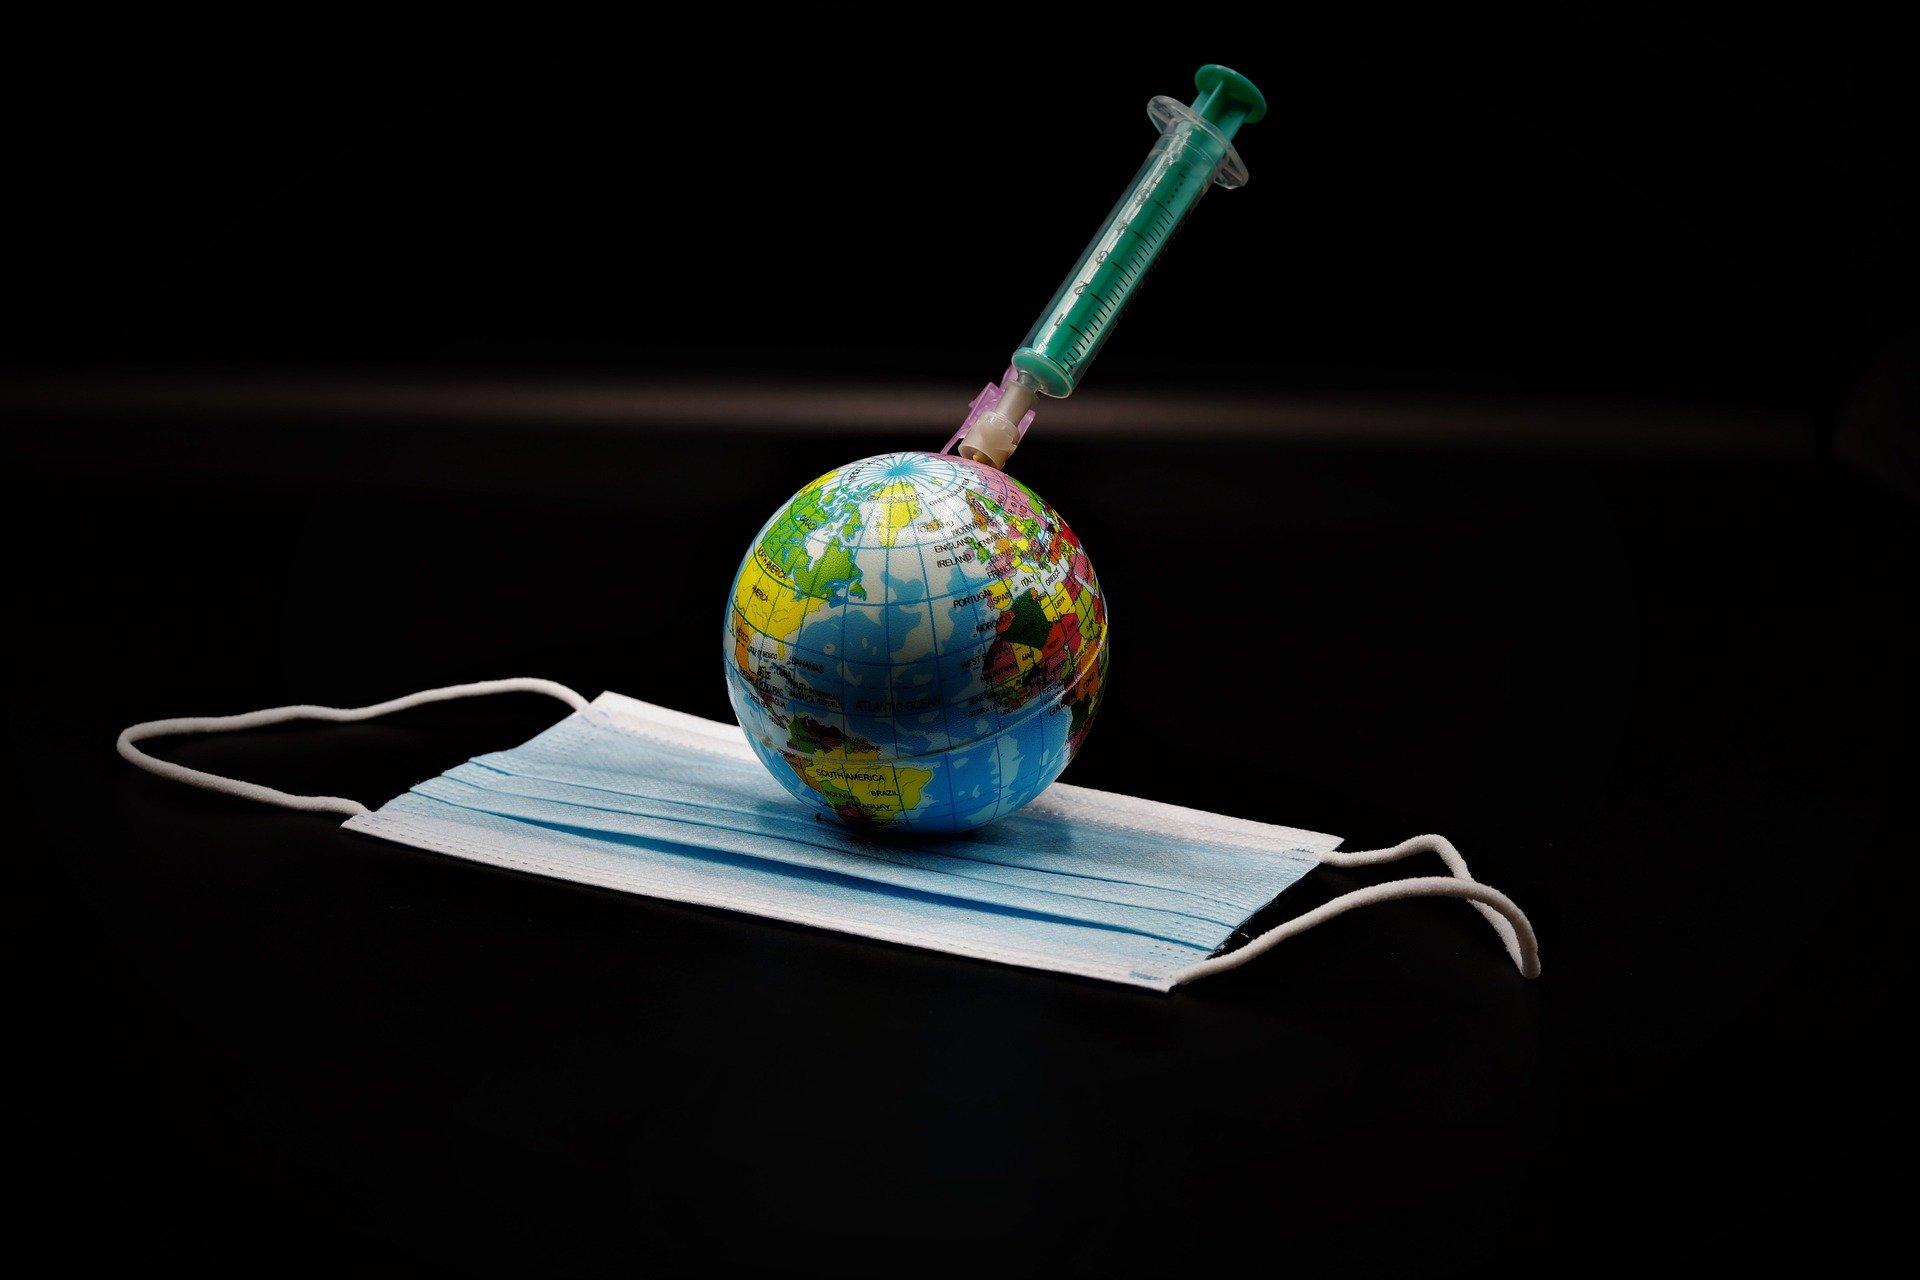 Cepljenje po svetu